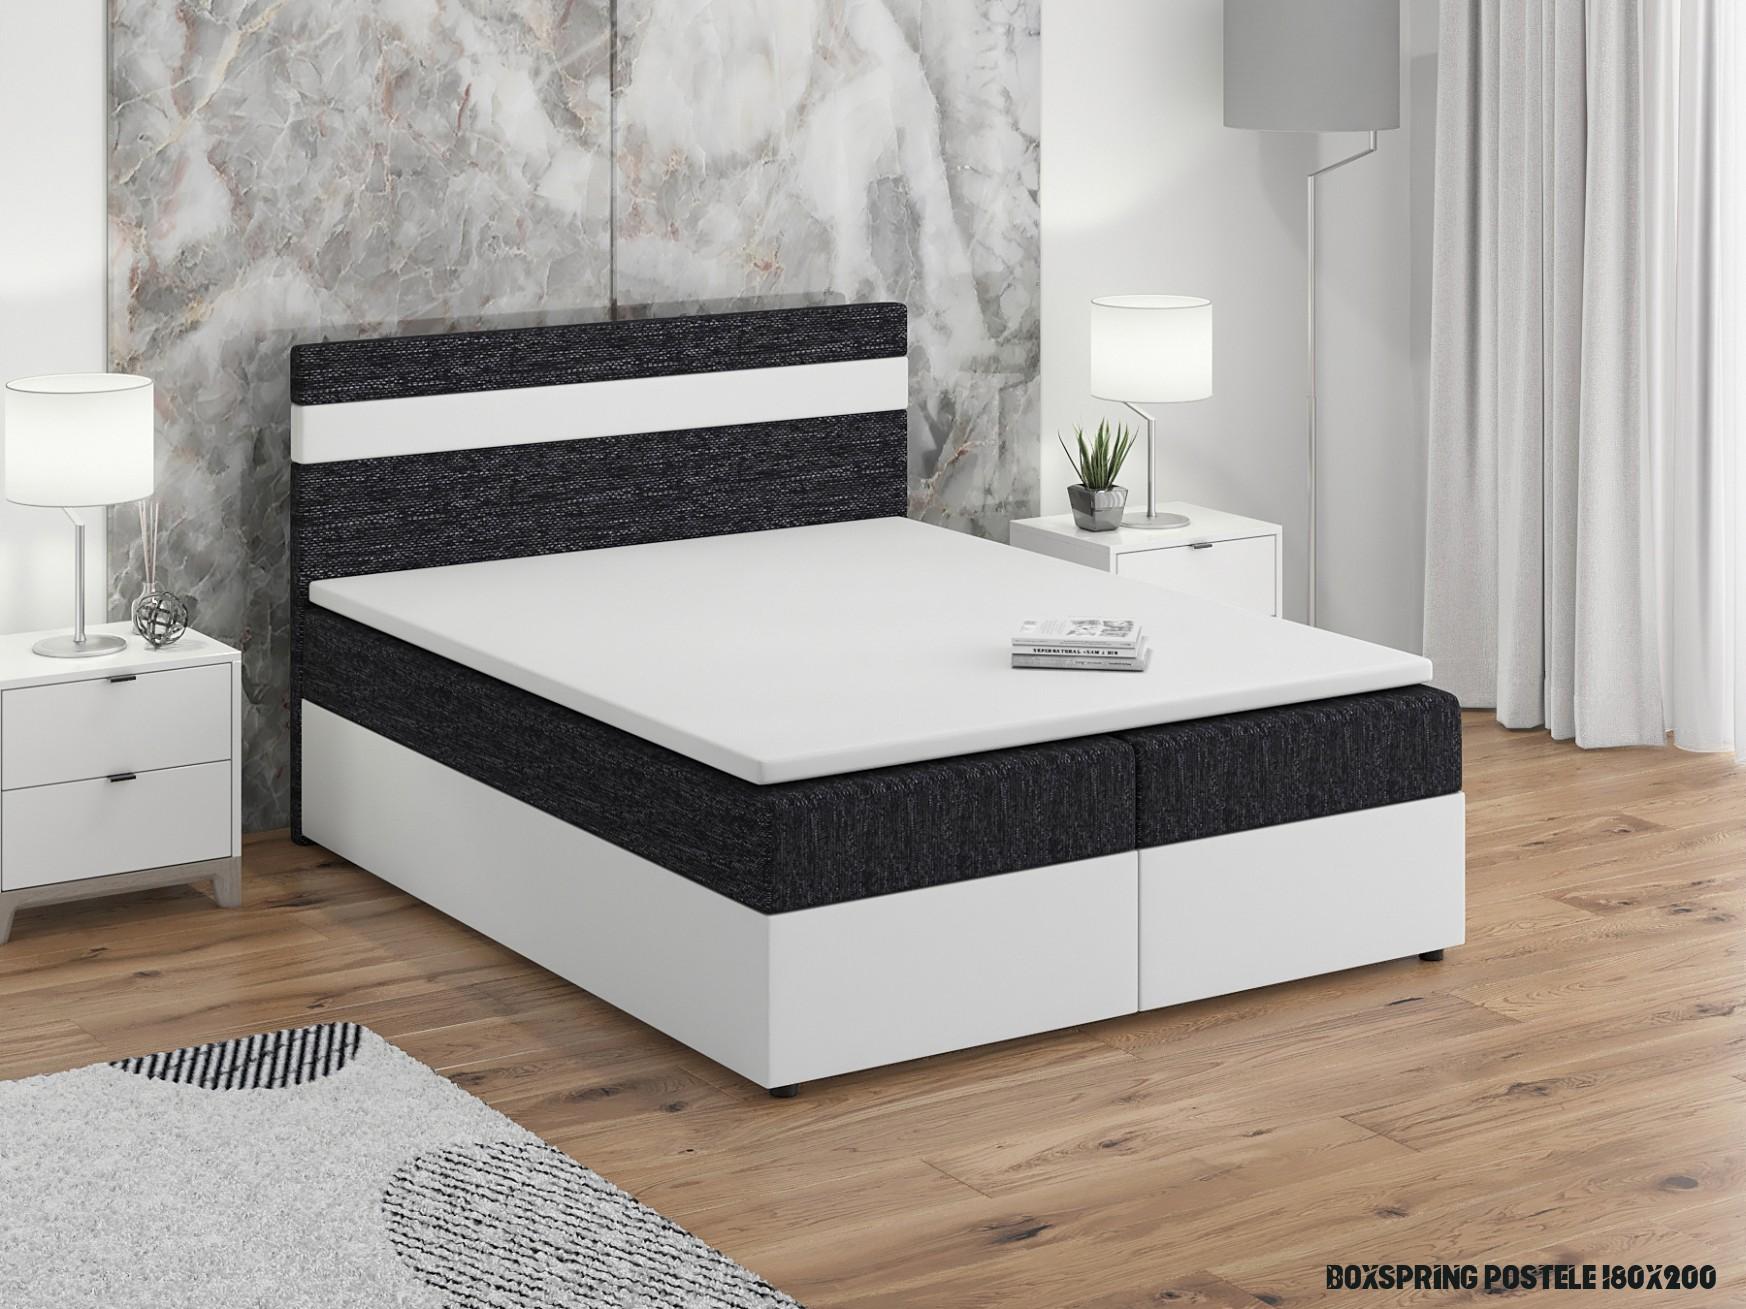 Manželská posteľ Boxspring 19x19 cm Mimosa (s roštom a matracom) (biela +  čierna)  NovýNábytok.sk